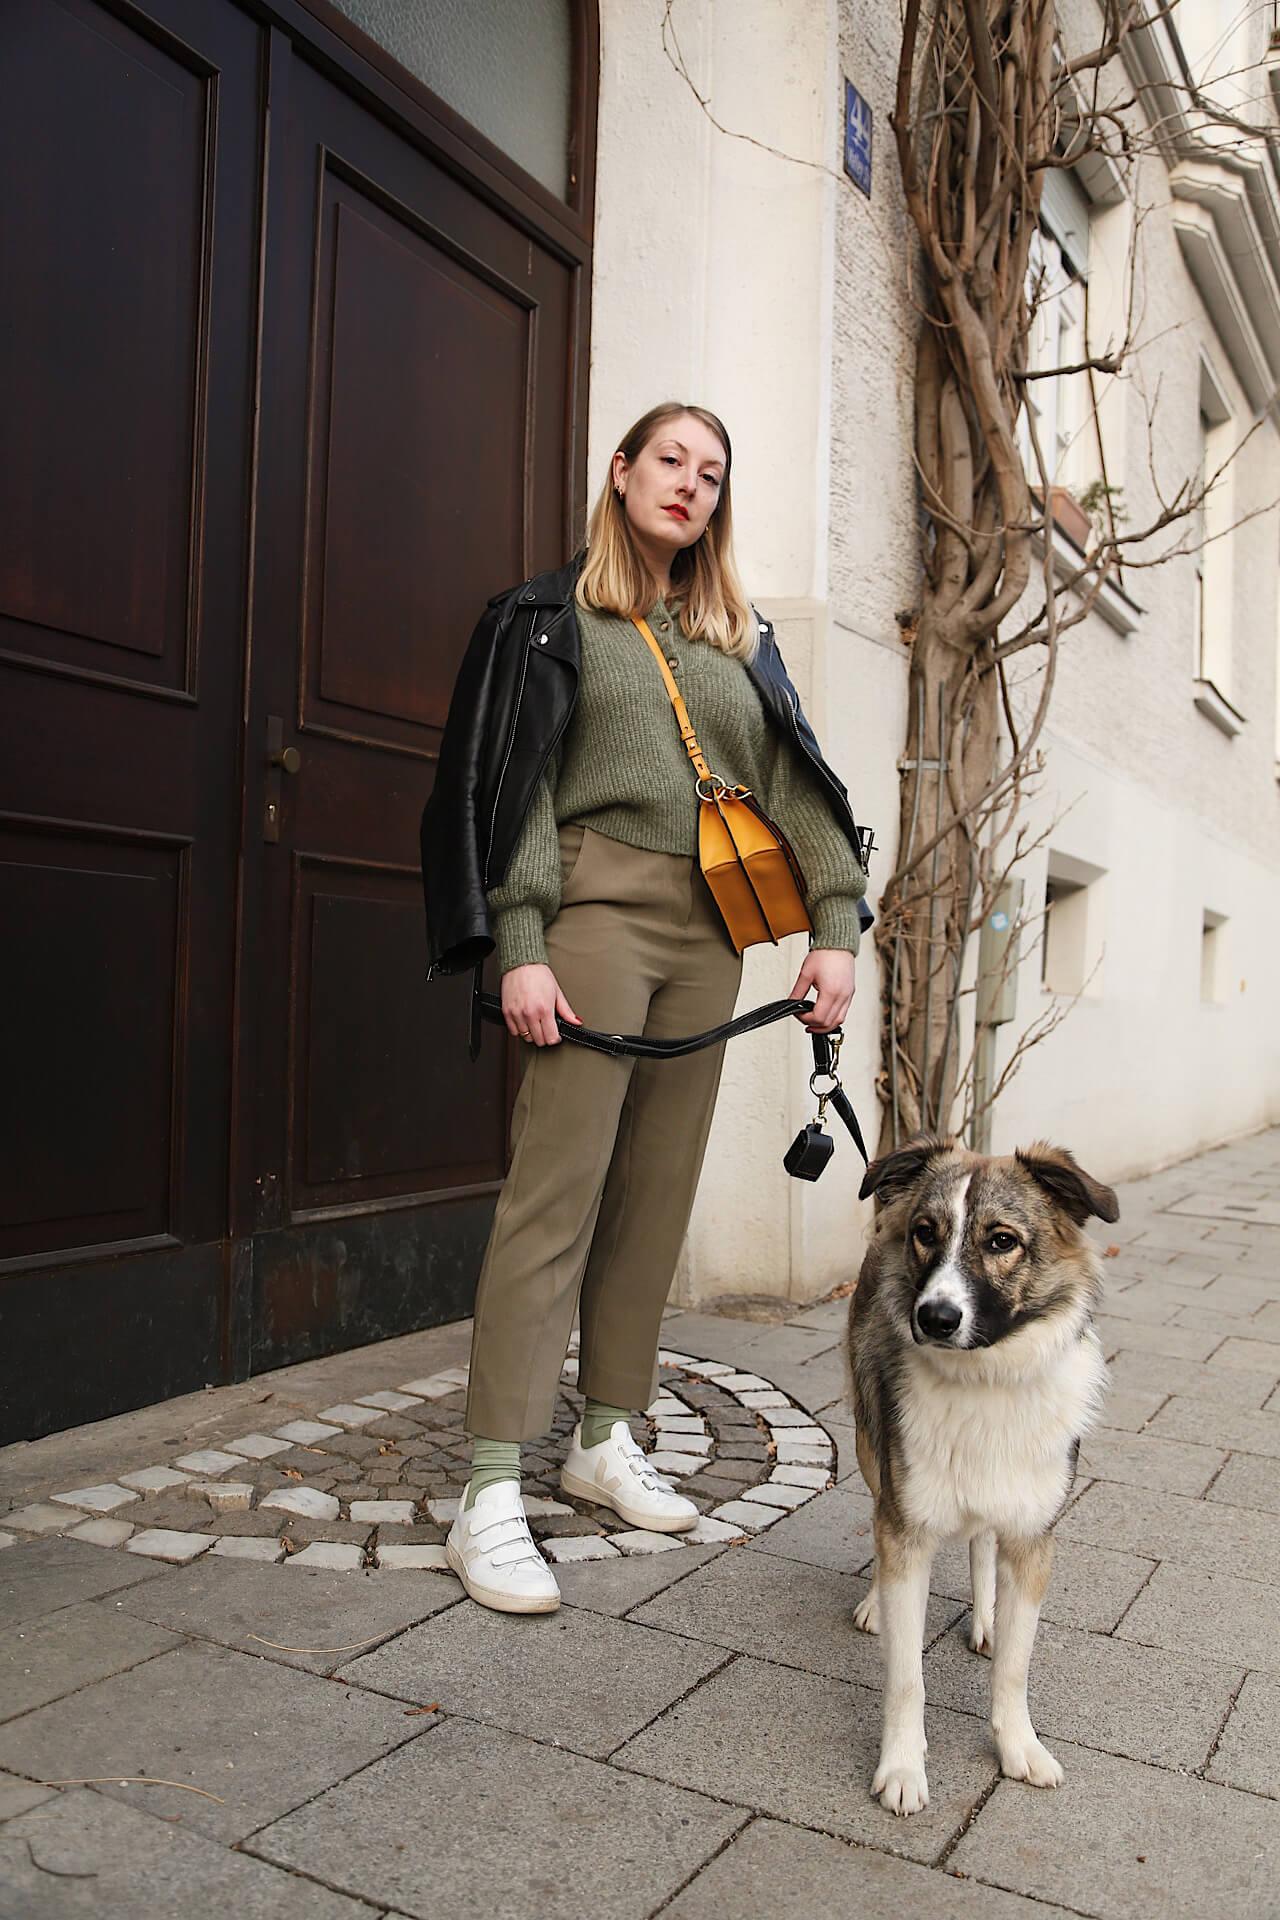 Lederjacke und Sneakers - zwei Klassiker in einem Look